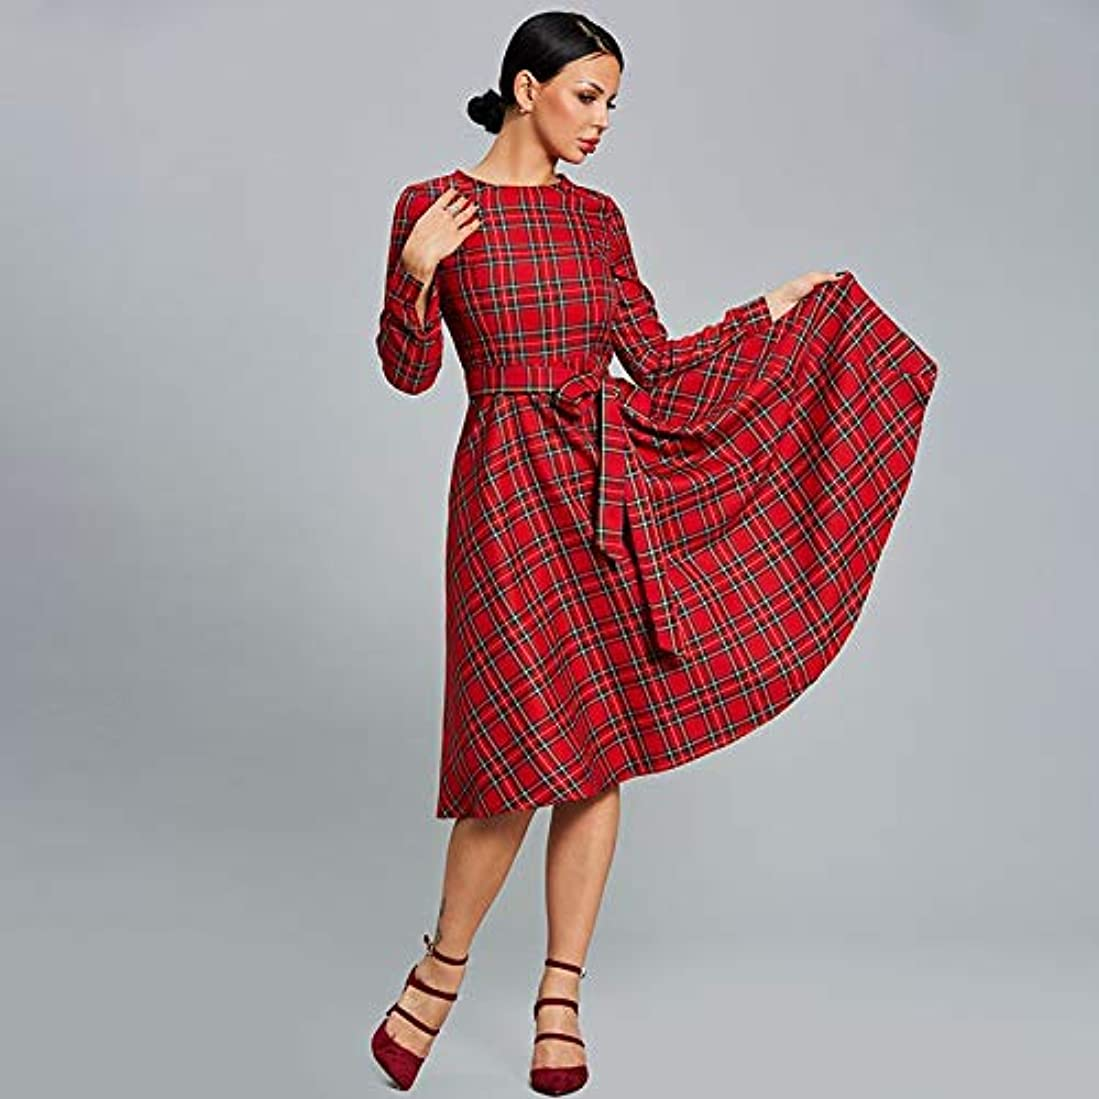 軍艦期待して交換可能Onderroa - 女性のドレス秋のタータンチェックレッドパーティードレスOネックロングスリーブパッチワークラインデー2018女性の厚いヴィンテージドレス